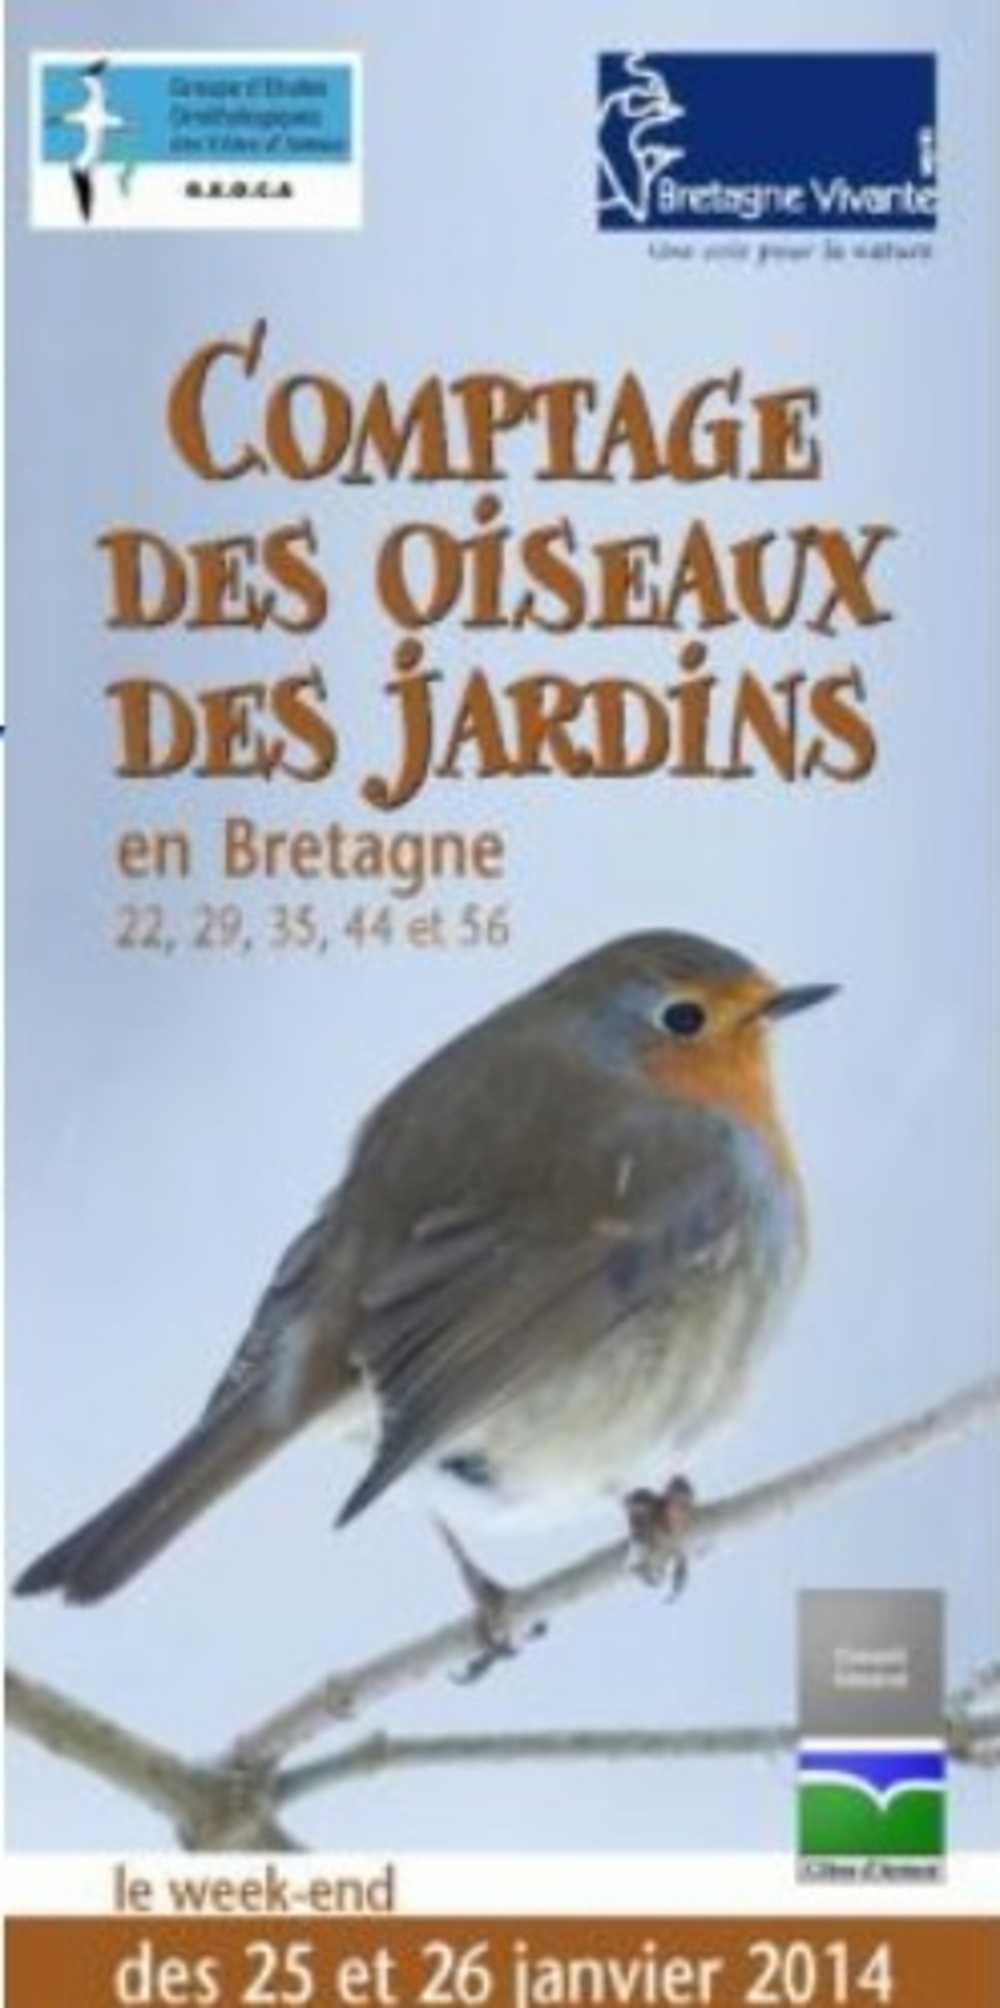 Comptage des oiseaux des jardins les 25 et 26 janvier 2014 0